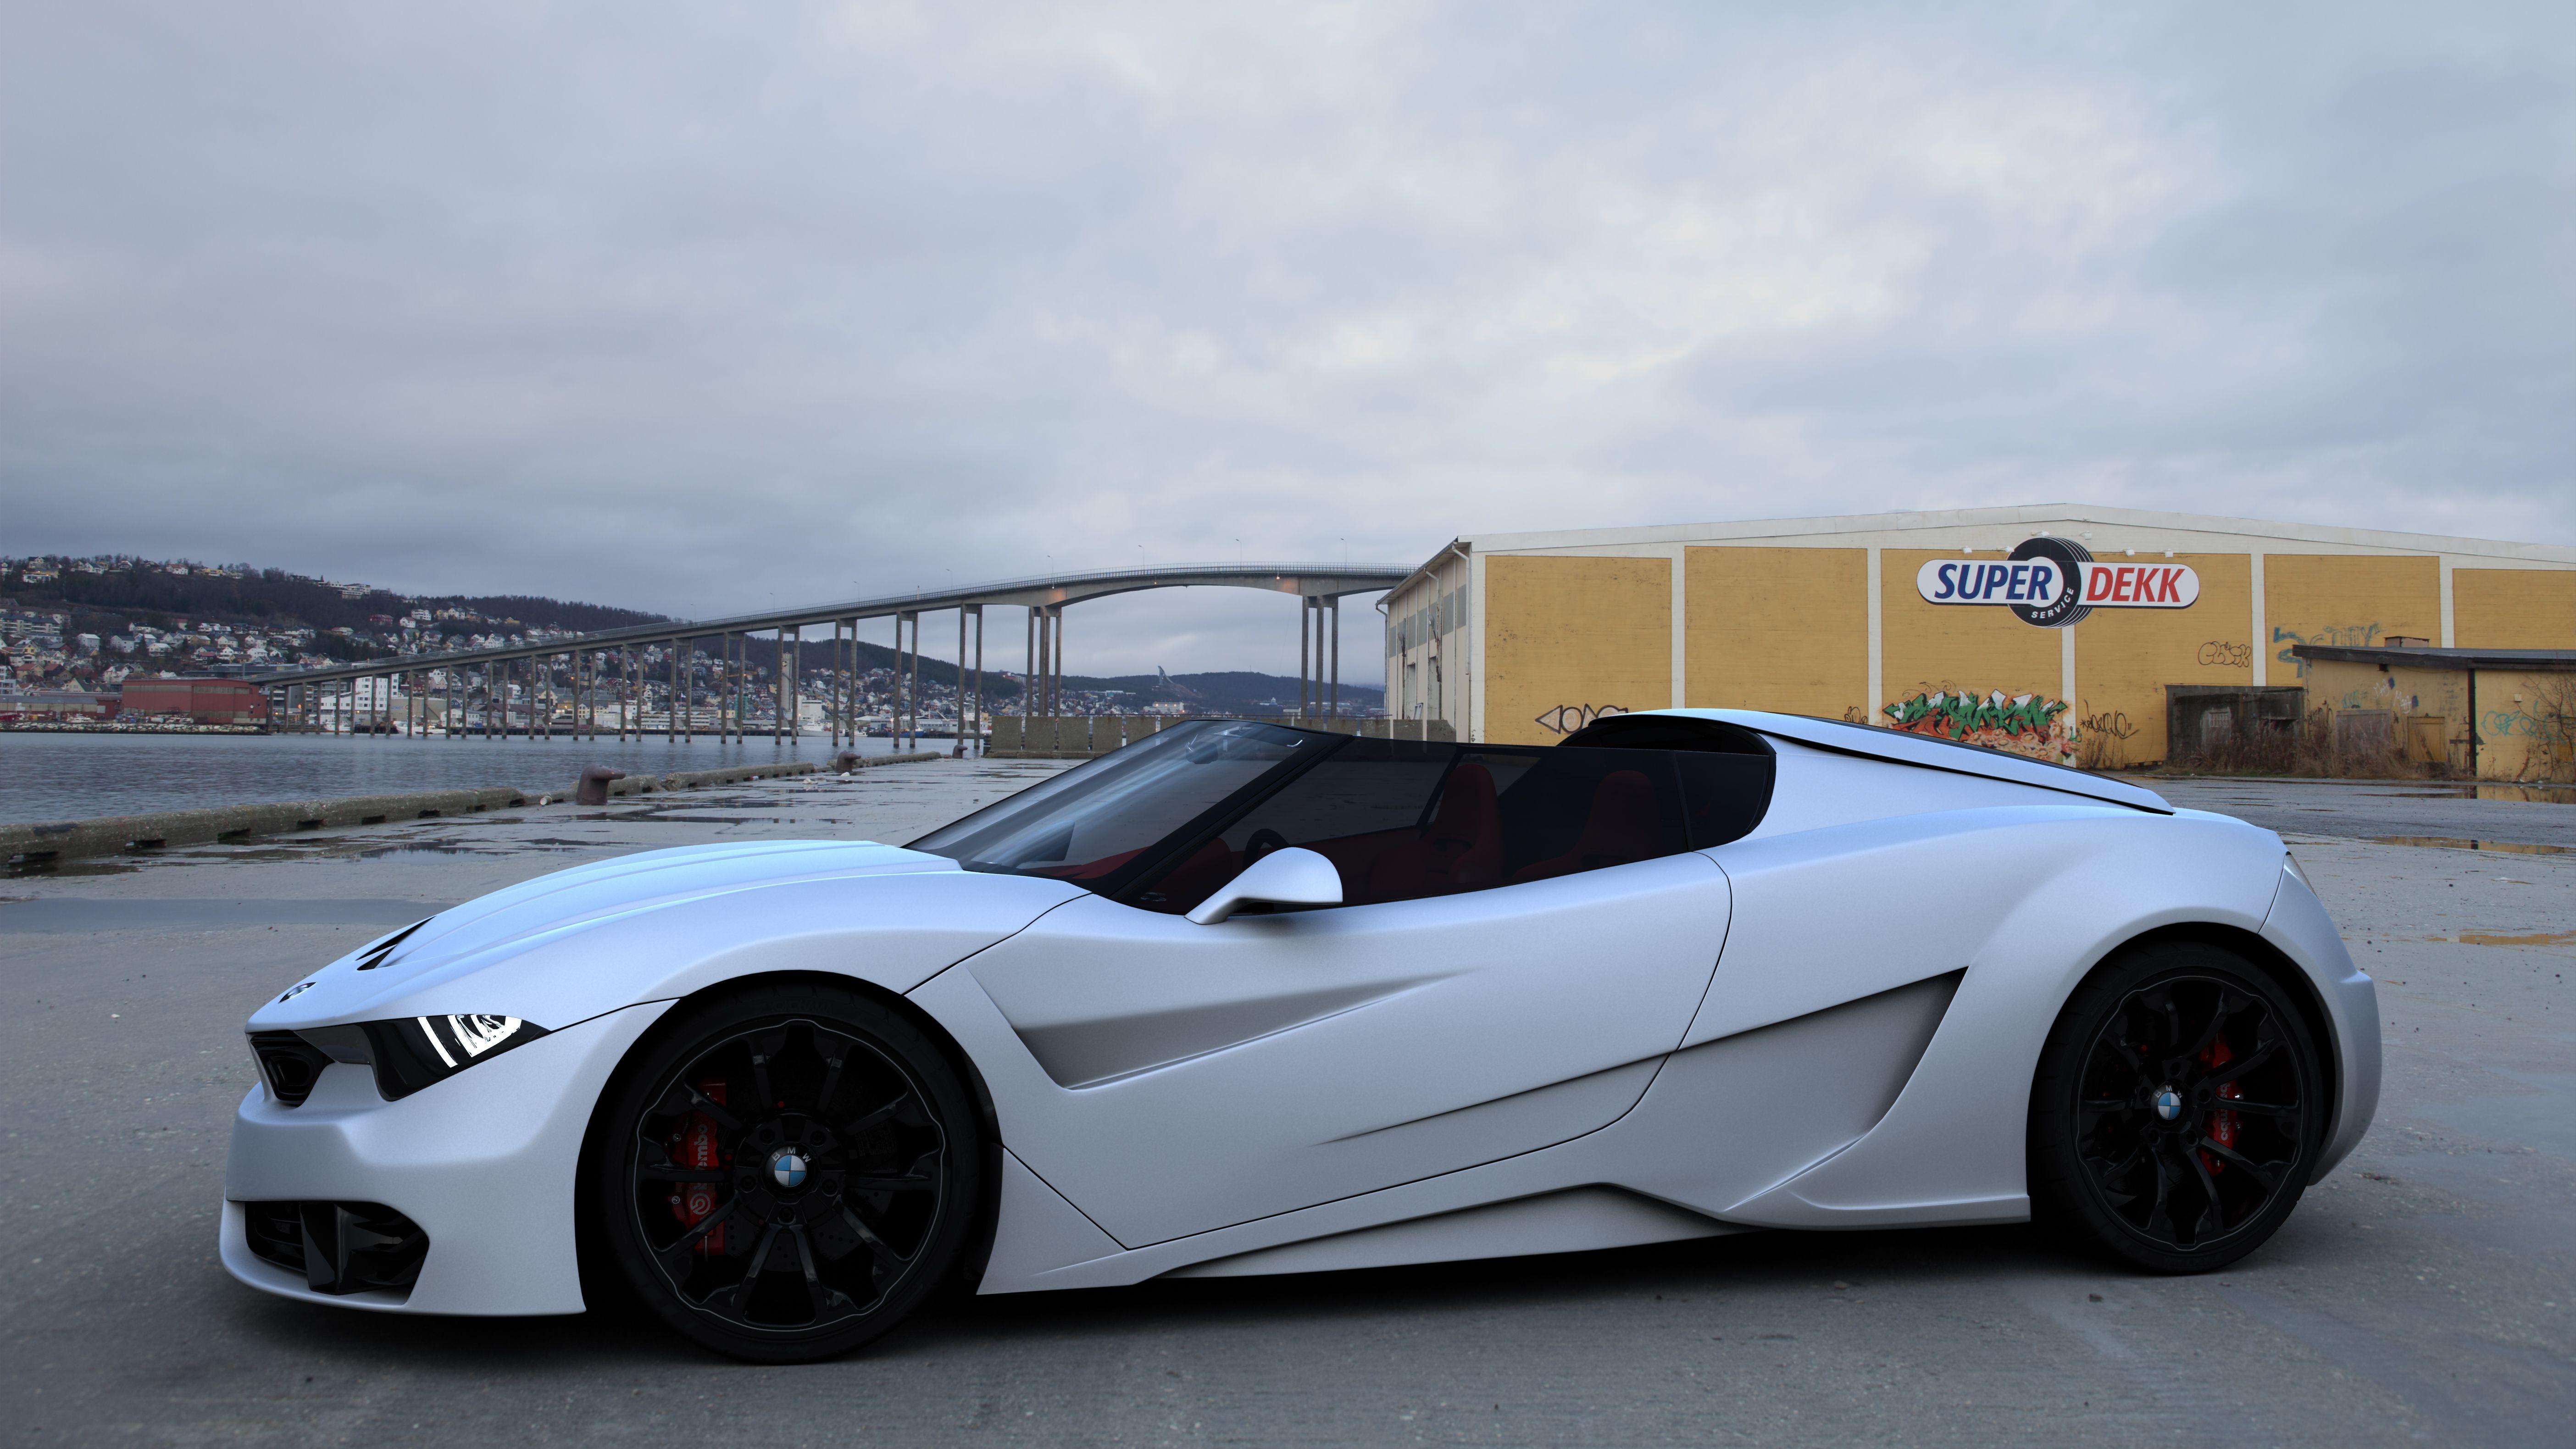 Futuristic Vehicle Bmw Gt Concept By Emil Baddal Future Car Bmw M9 Super Cars Bmw